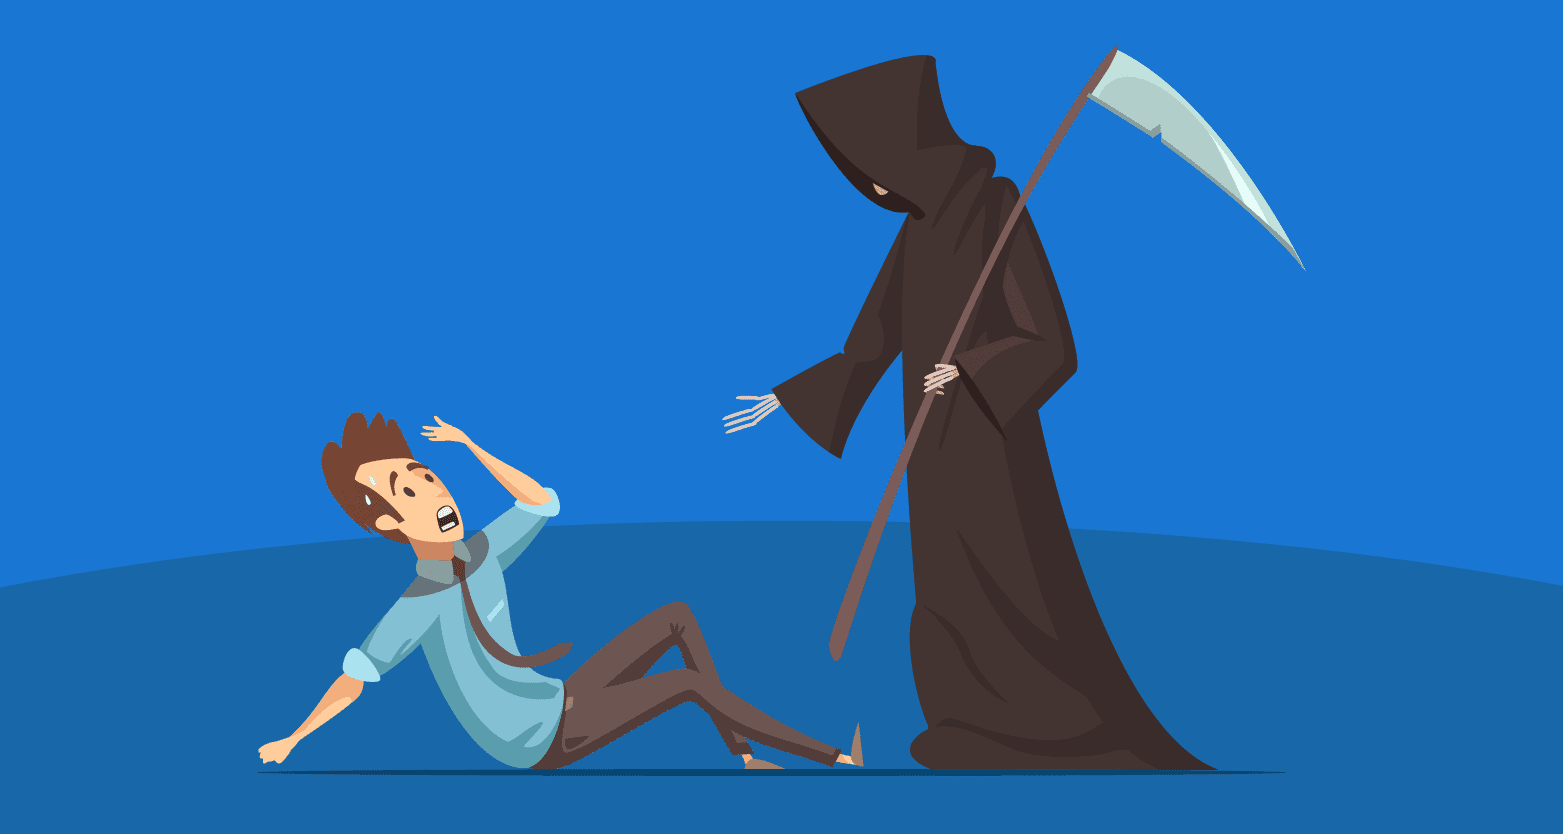 Ilustração de um homem com medo